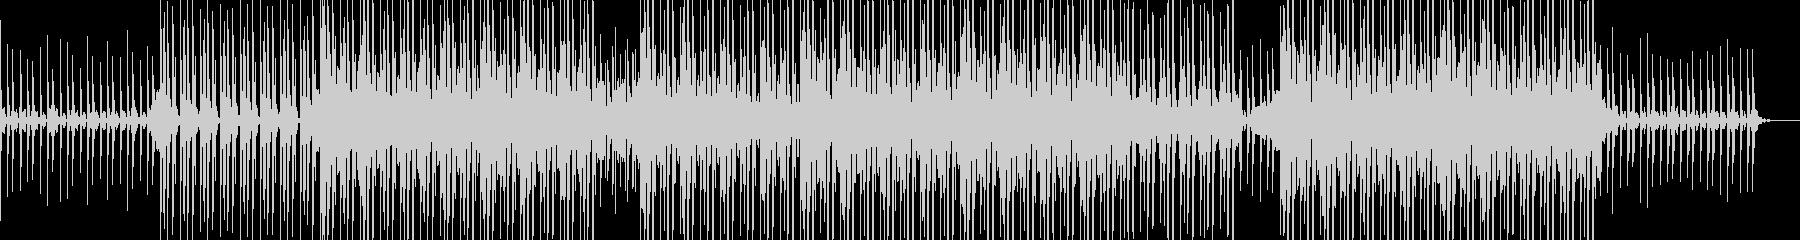 ティーン ポップ テクノ アクティ...の未再生の波形